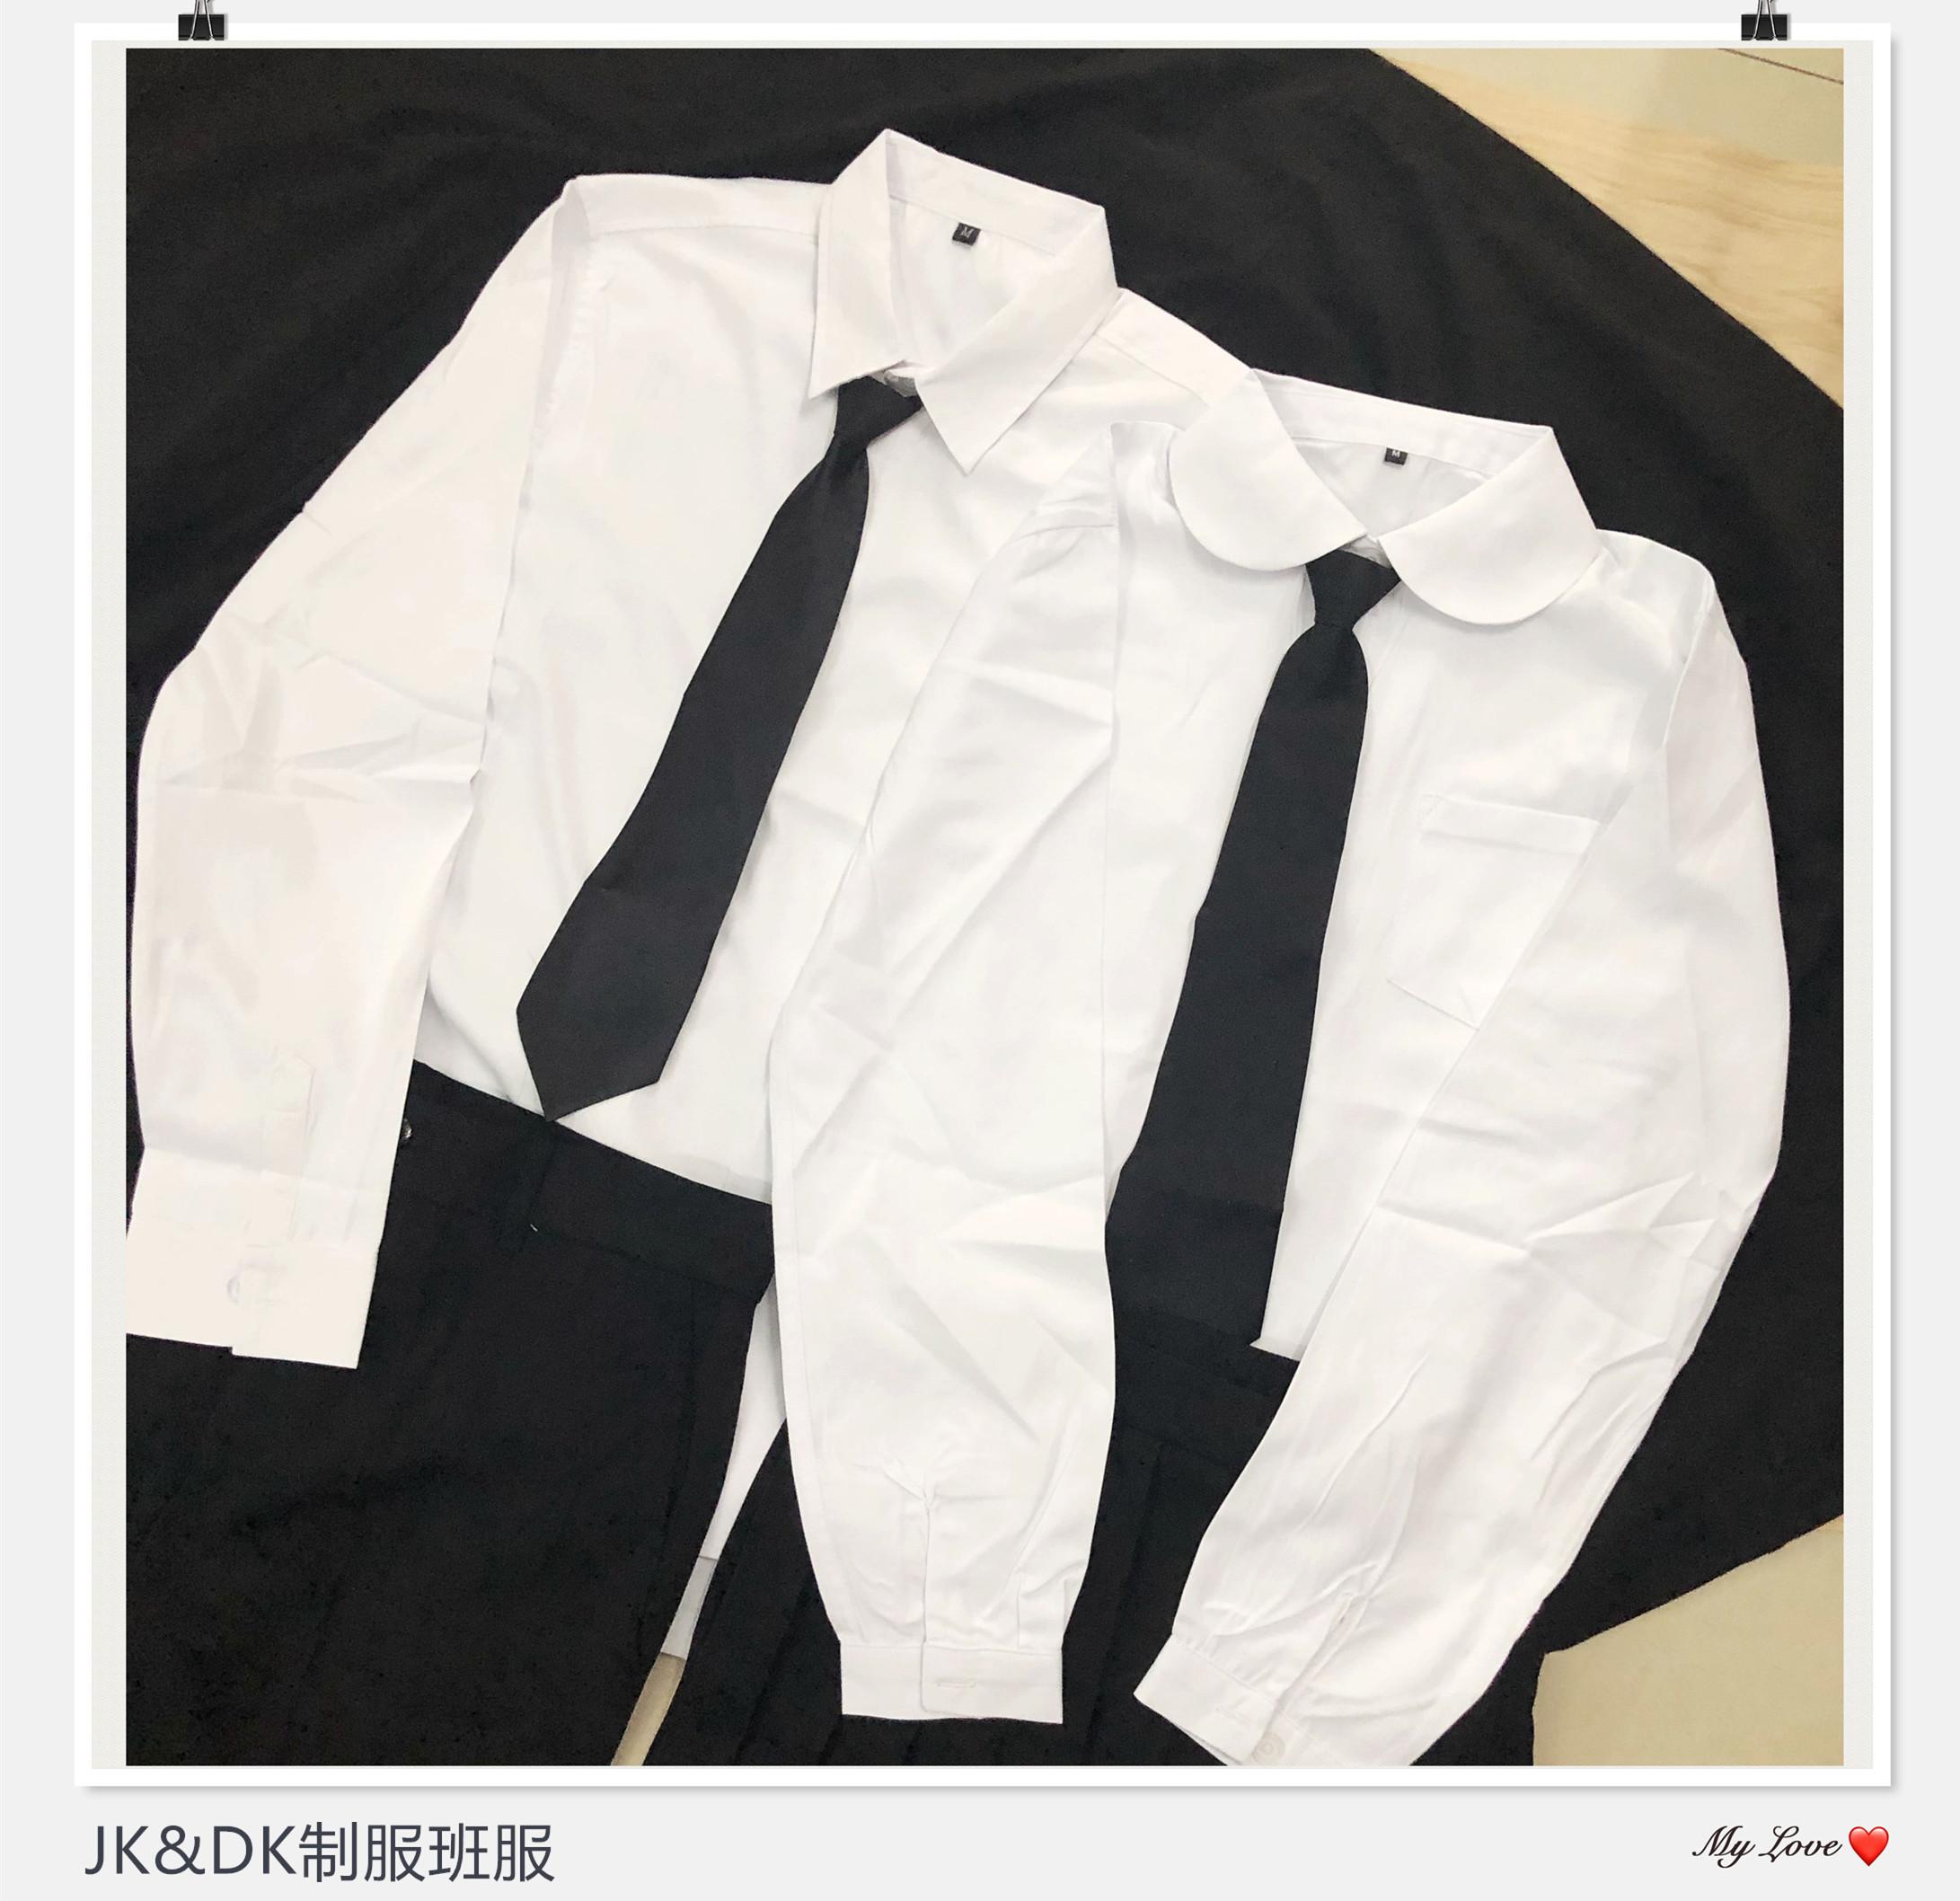 新款JK学生DK制服男女款长袖白衬衫黑色领带情侣大码班服套装团购12月01日最新优惠